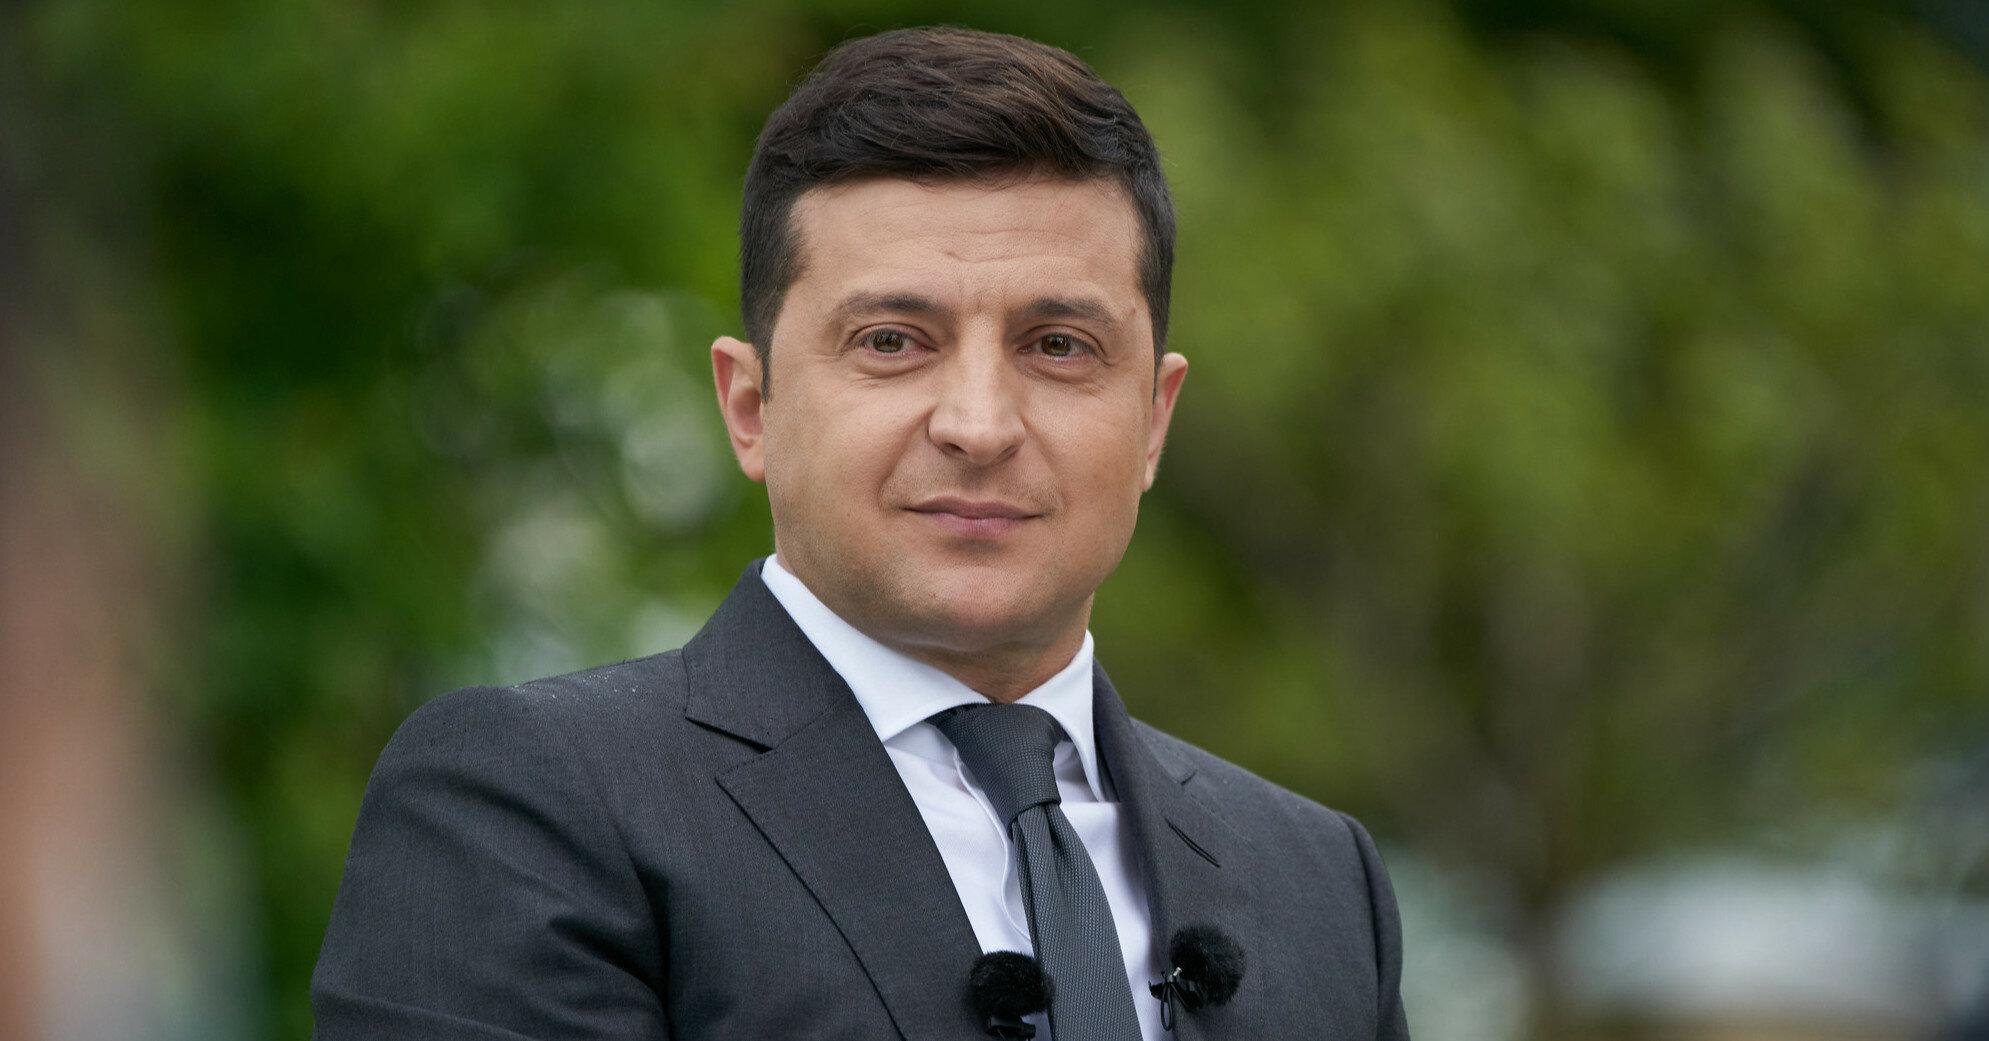 Зеленский анонсировал строительство больниц по евростандартам